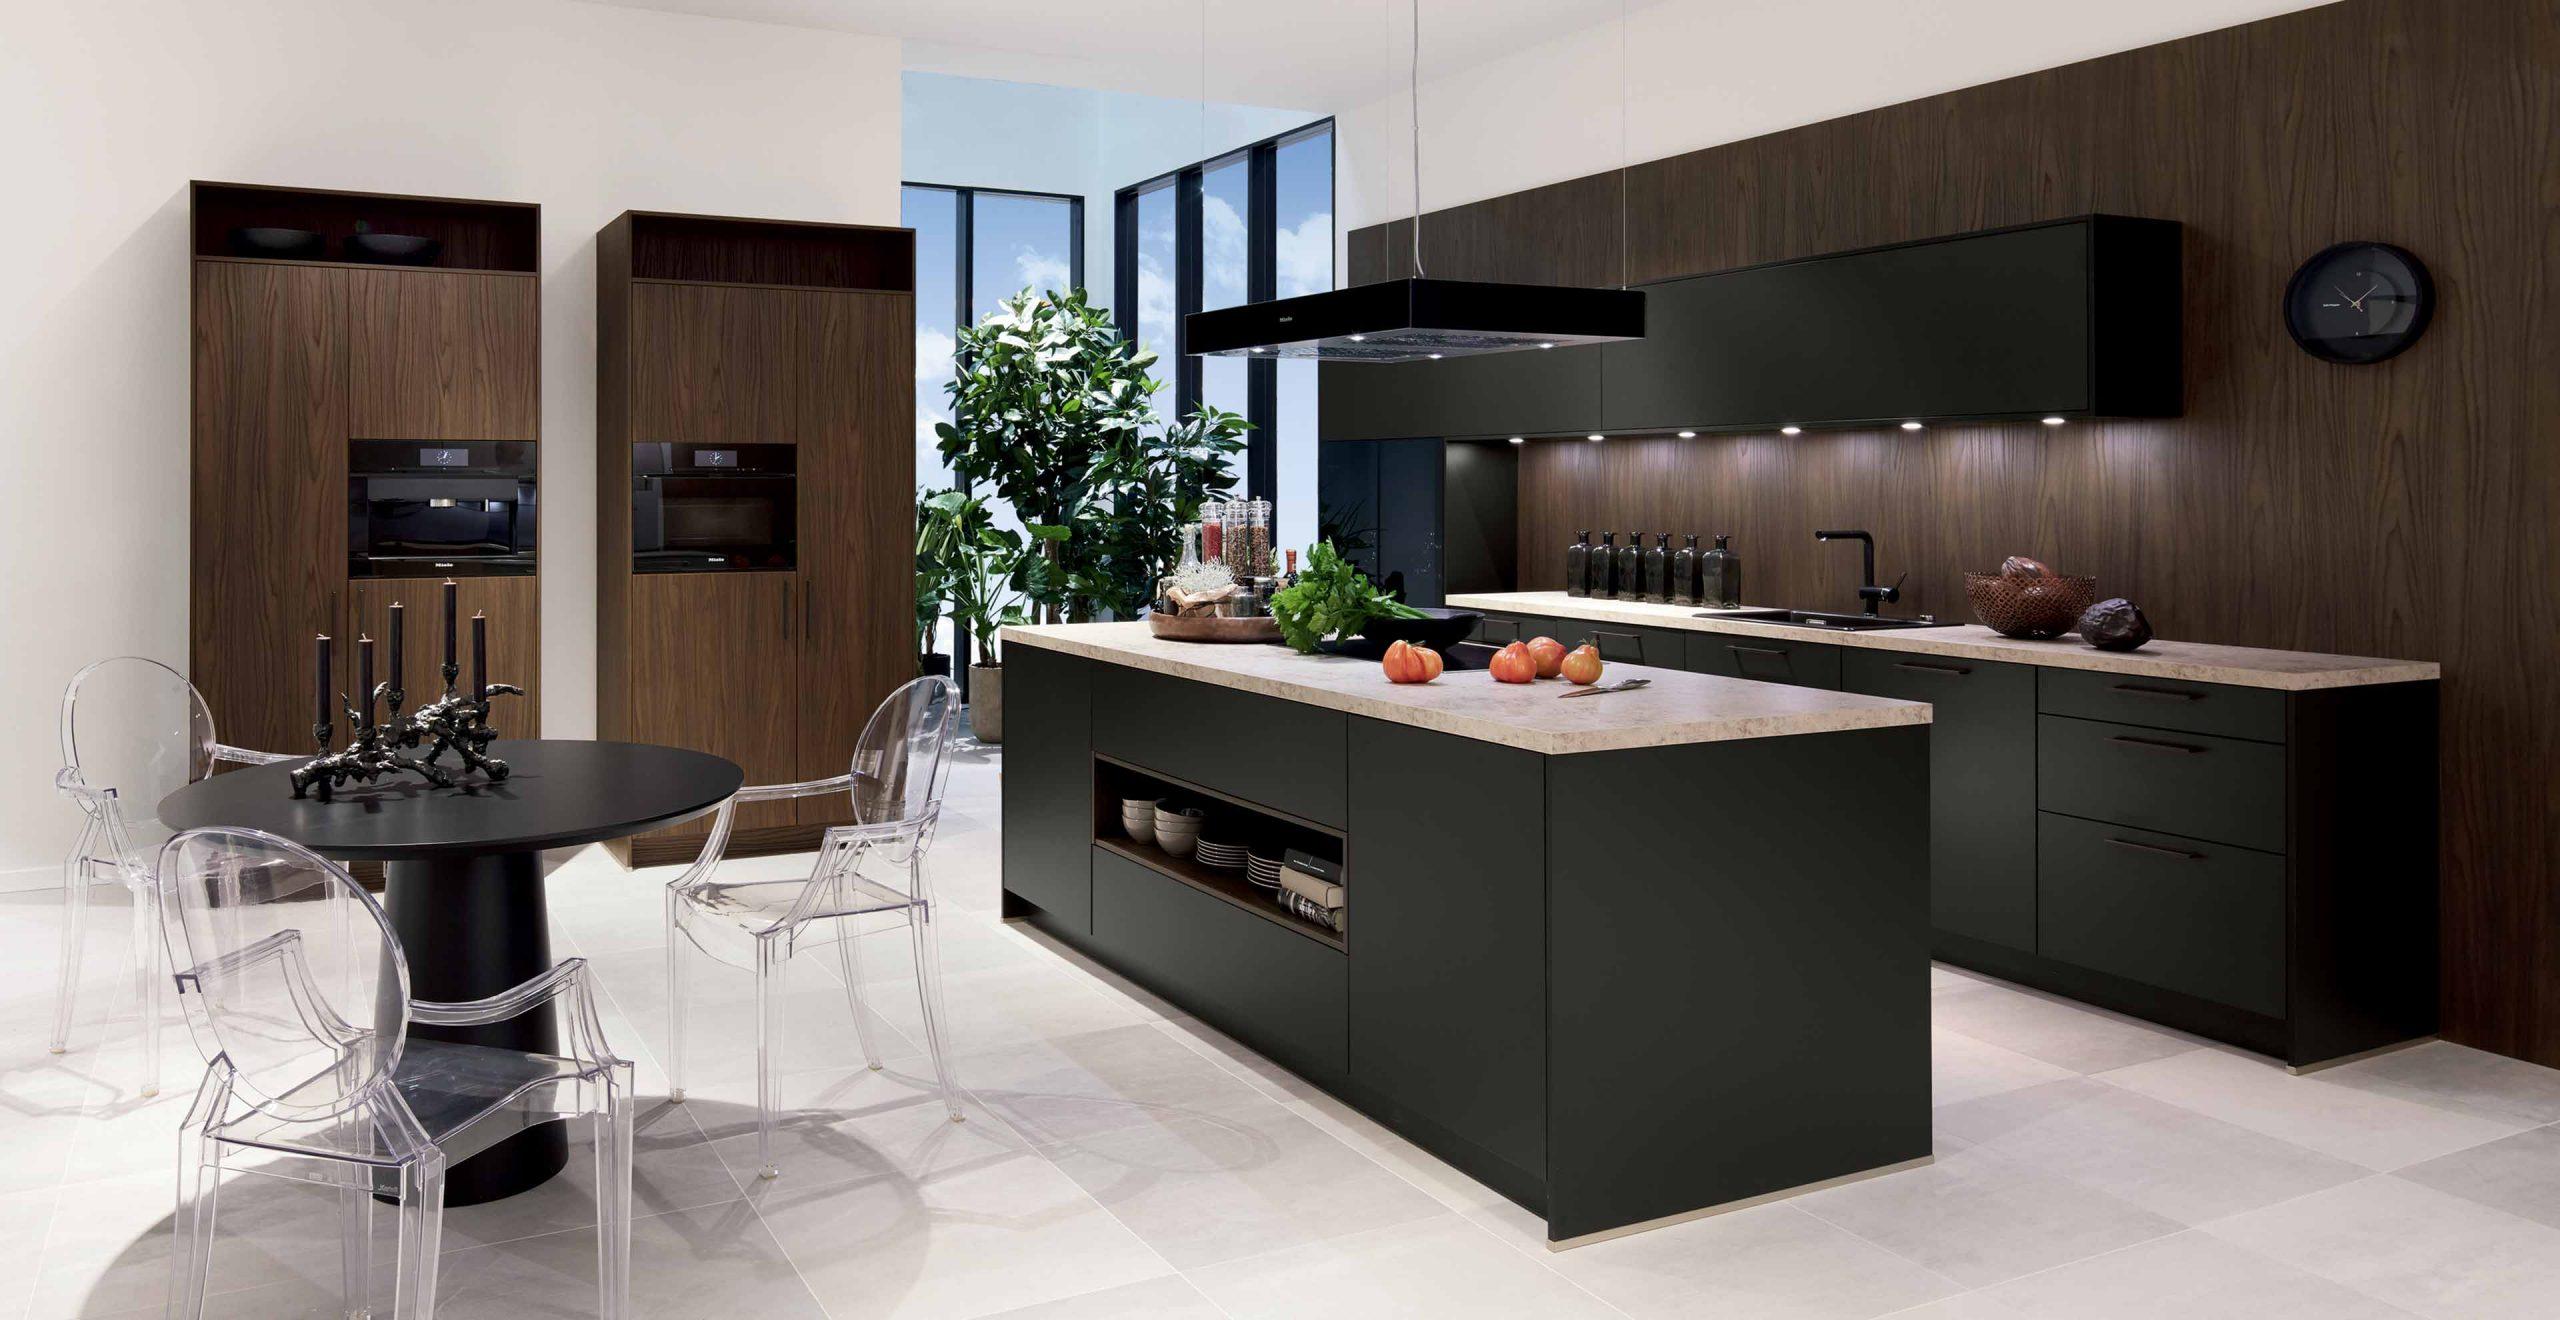 Full Size of Schmale Küche U Form Sitzecke Küche U Form Hochglanz Küche U Form Küche U Form Ohne Geräte Küche Küche U Form